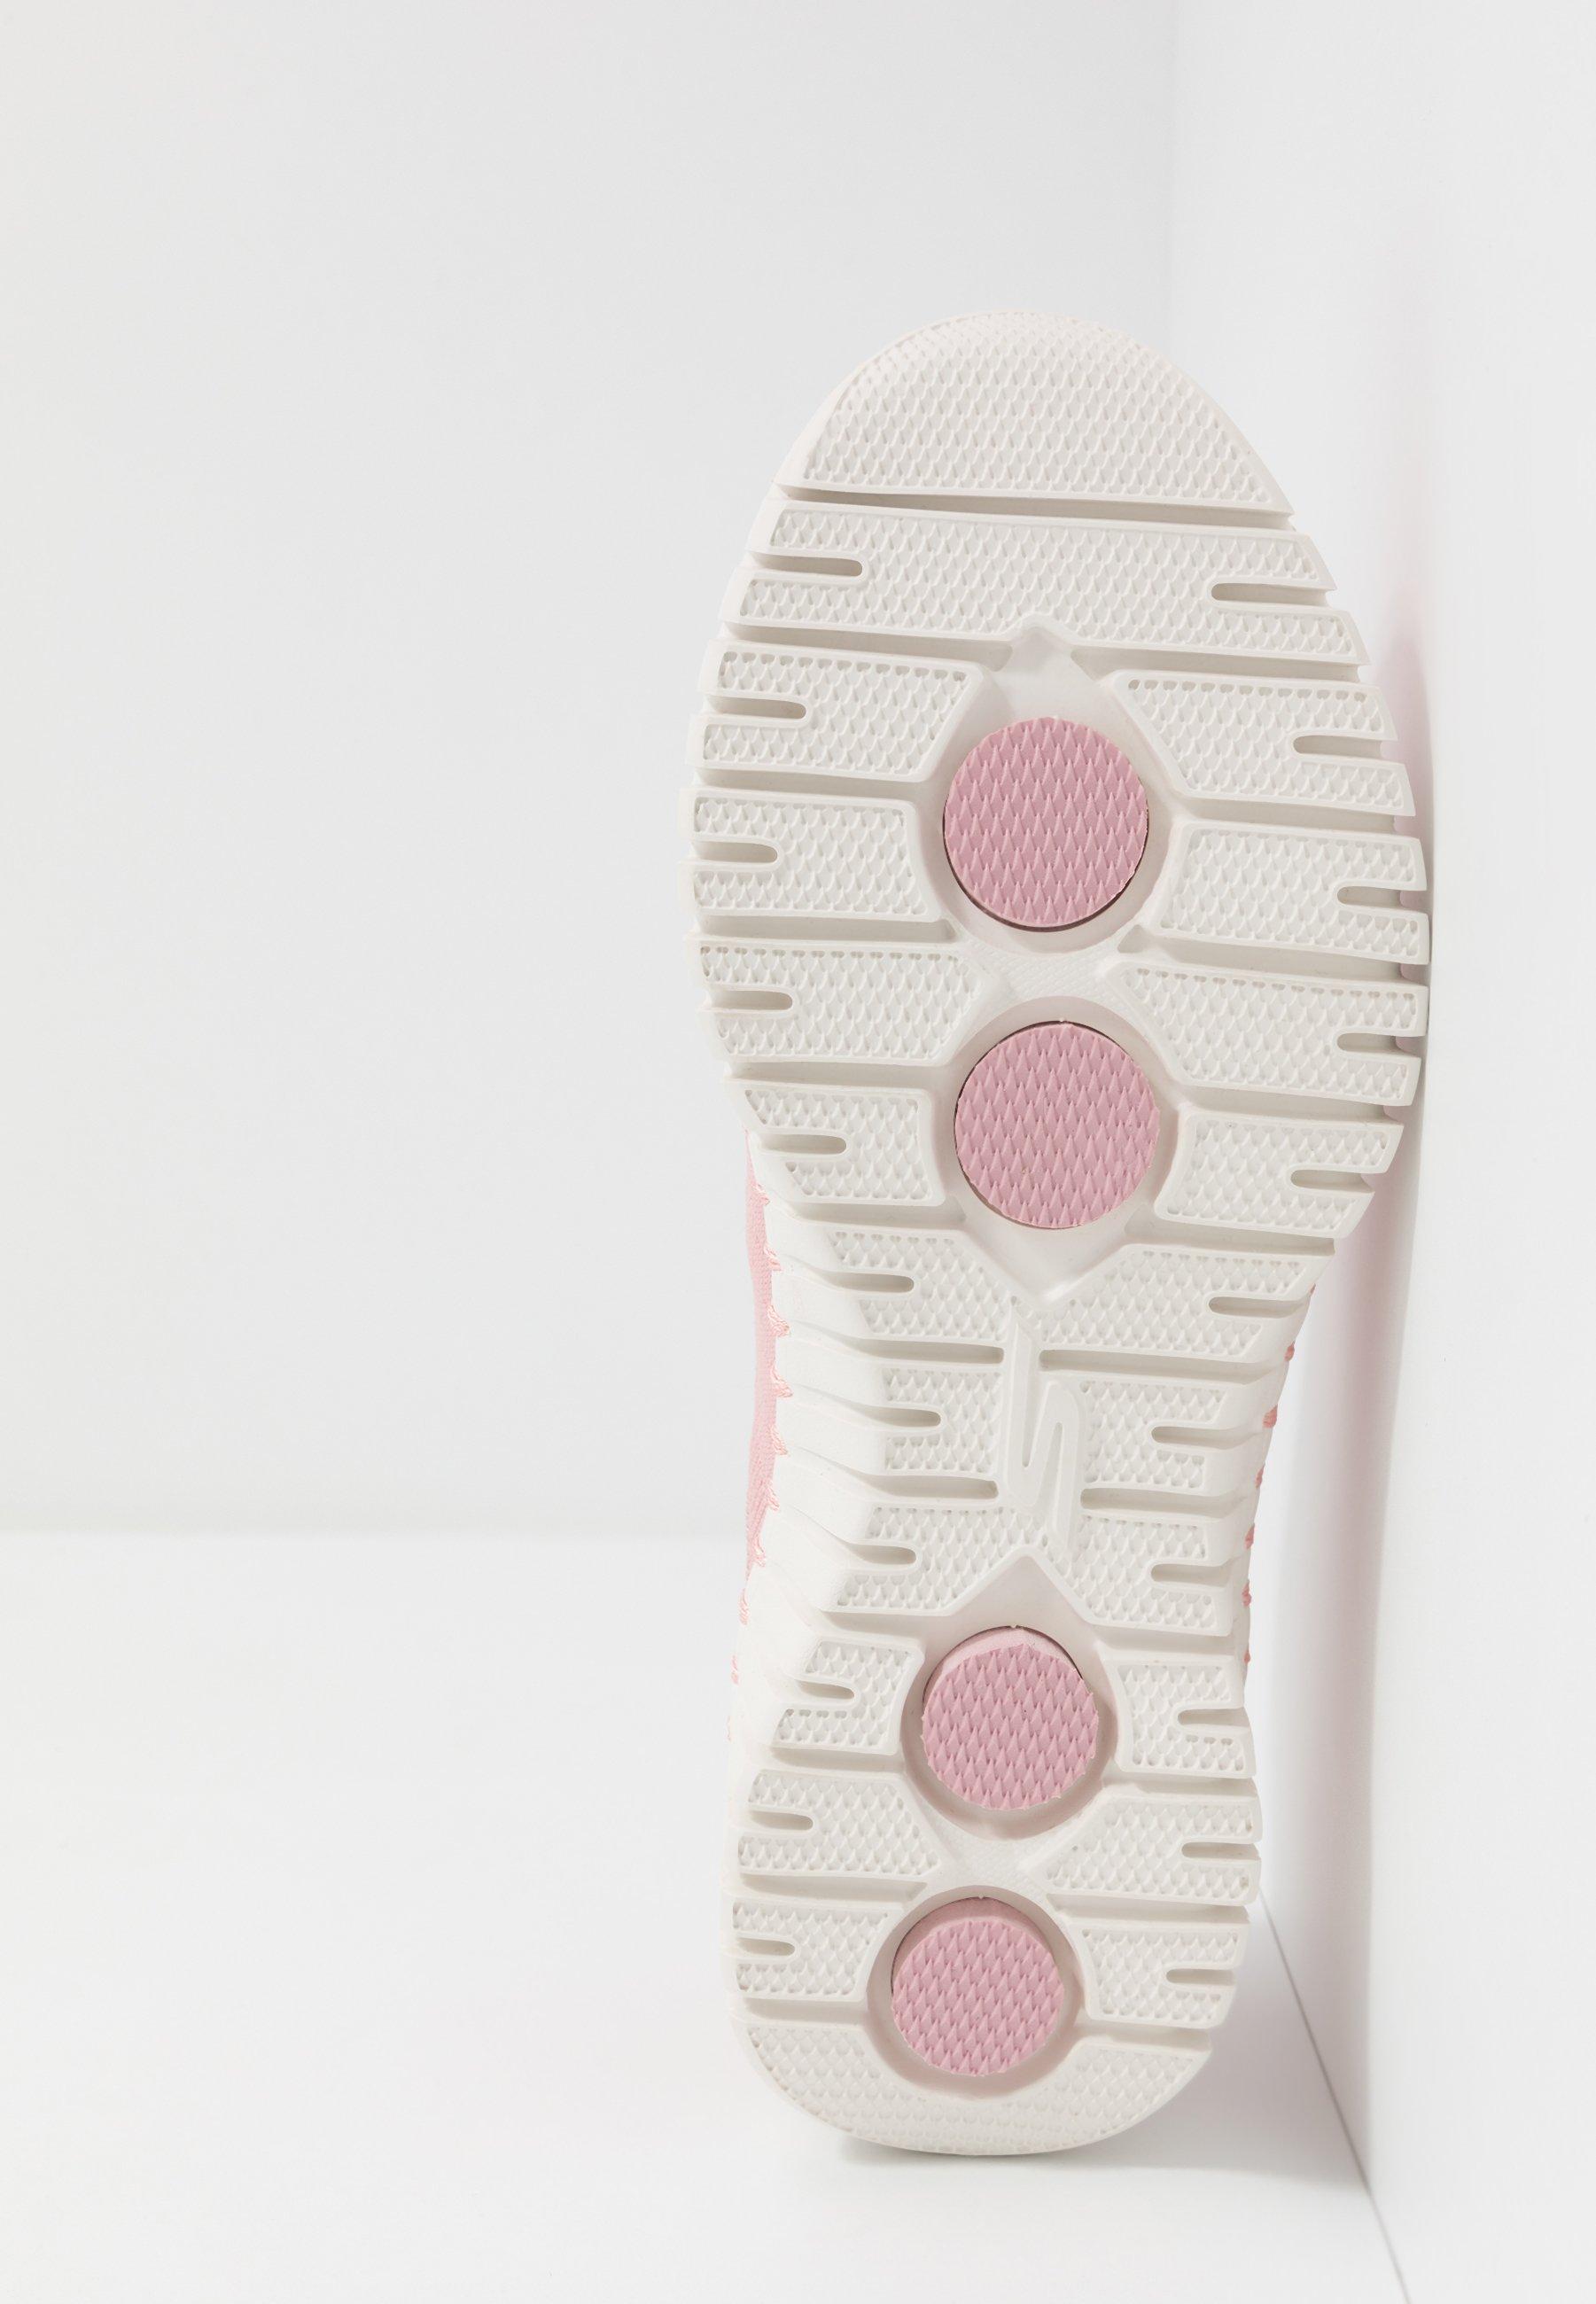 Skechers Performance Go Walk Smart - Løbesko Walking Pink